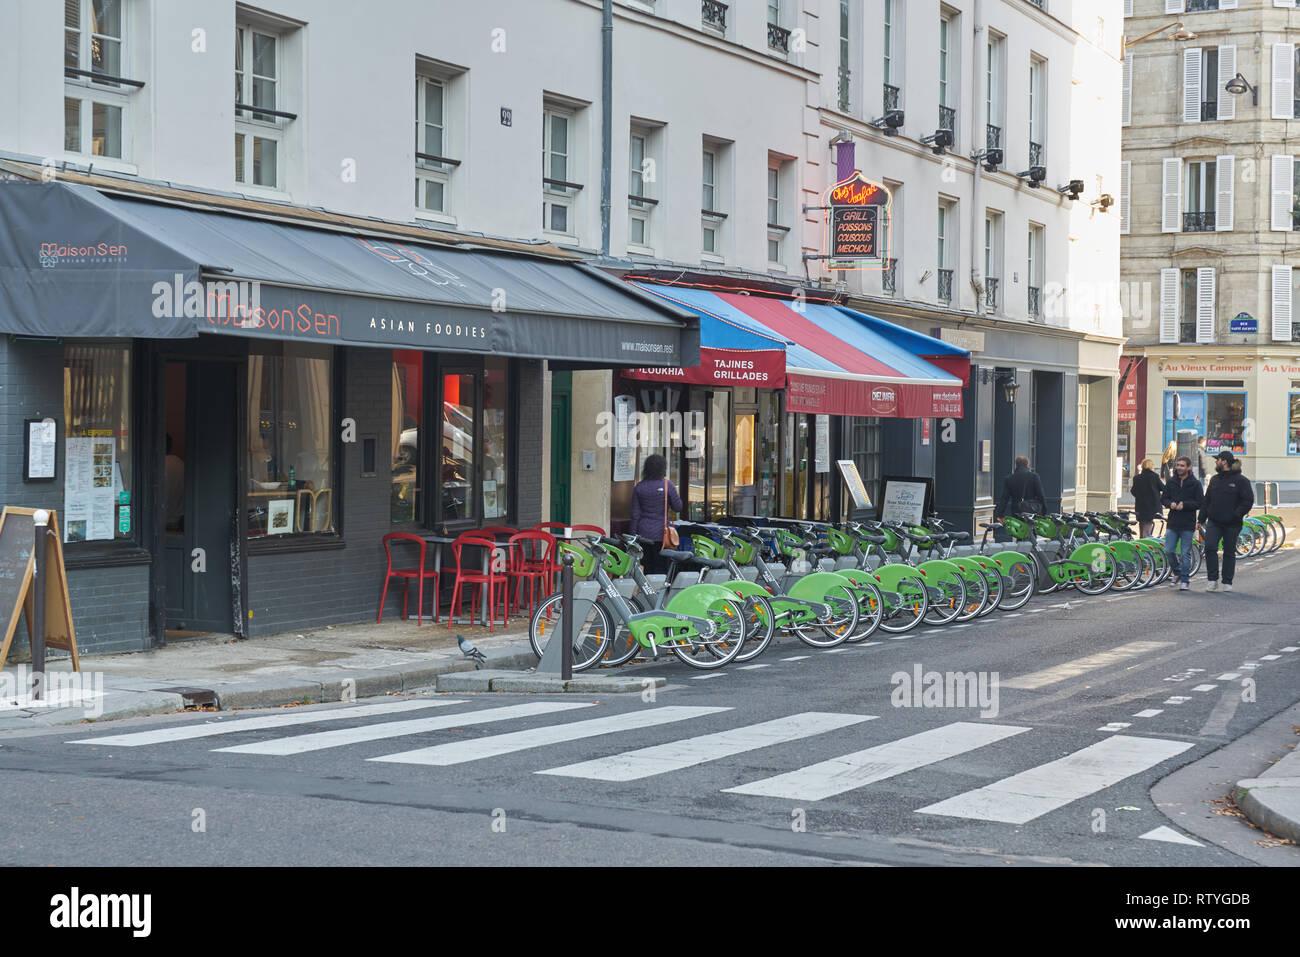 bike hire scheme paris  paris bike hire Stock Photo